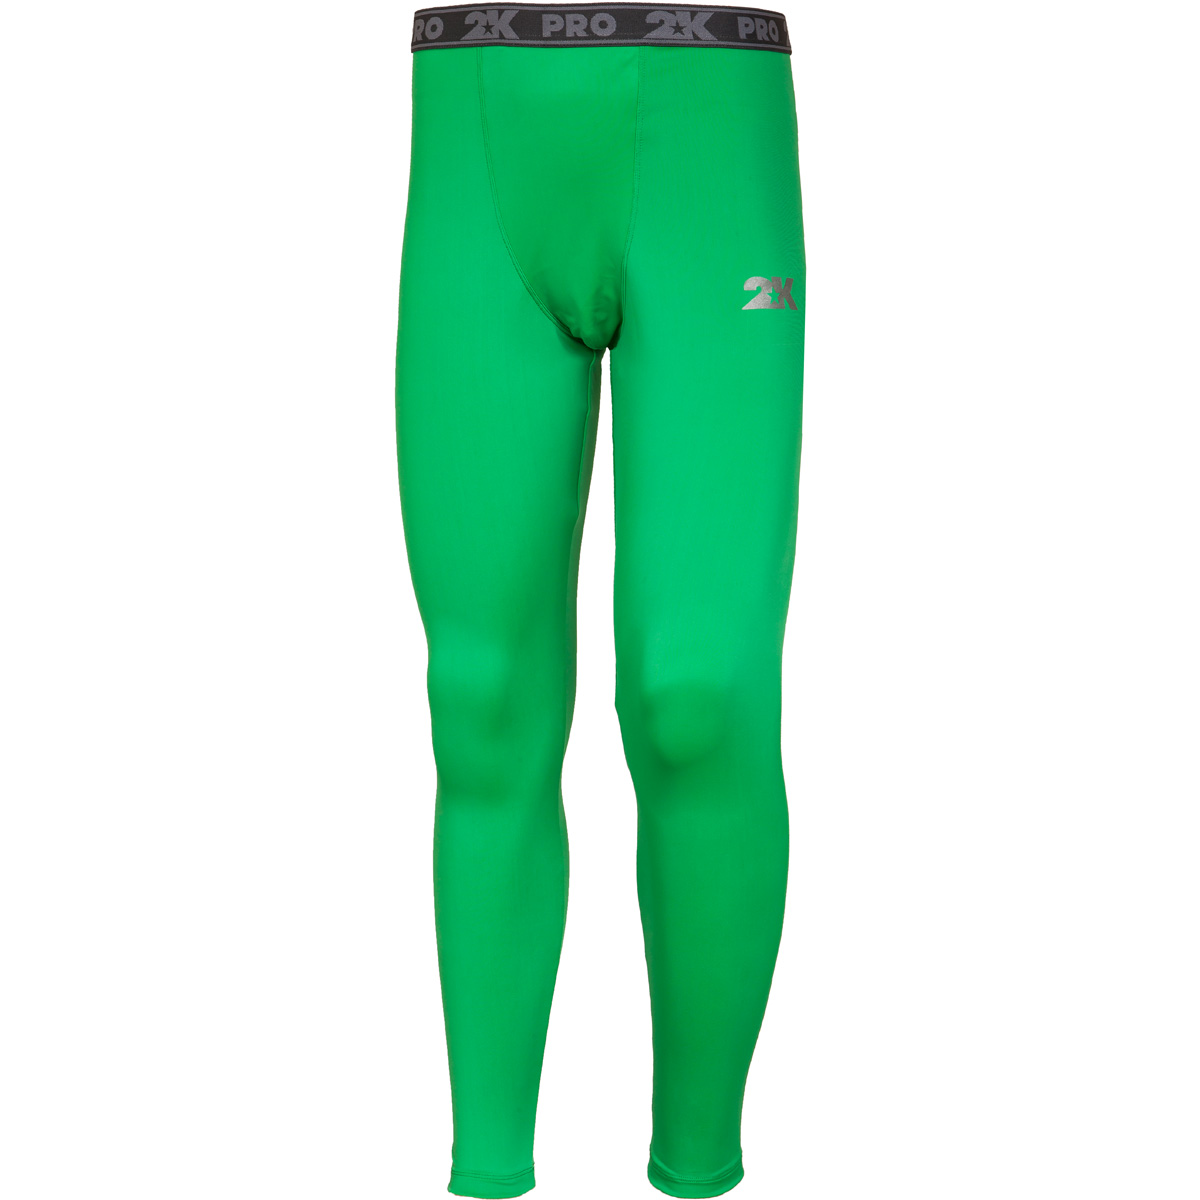 Тайтсы мужские 2K Sport Fenix, цвет: зеленый. 120905. Размер M (48)120905_greenТайтсы анатомического покроя выполнены из высококачественного материала. Обтягивающие тайтсы дополнены широкой эластичной резинкой на талии.